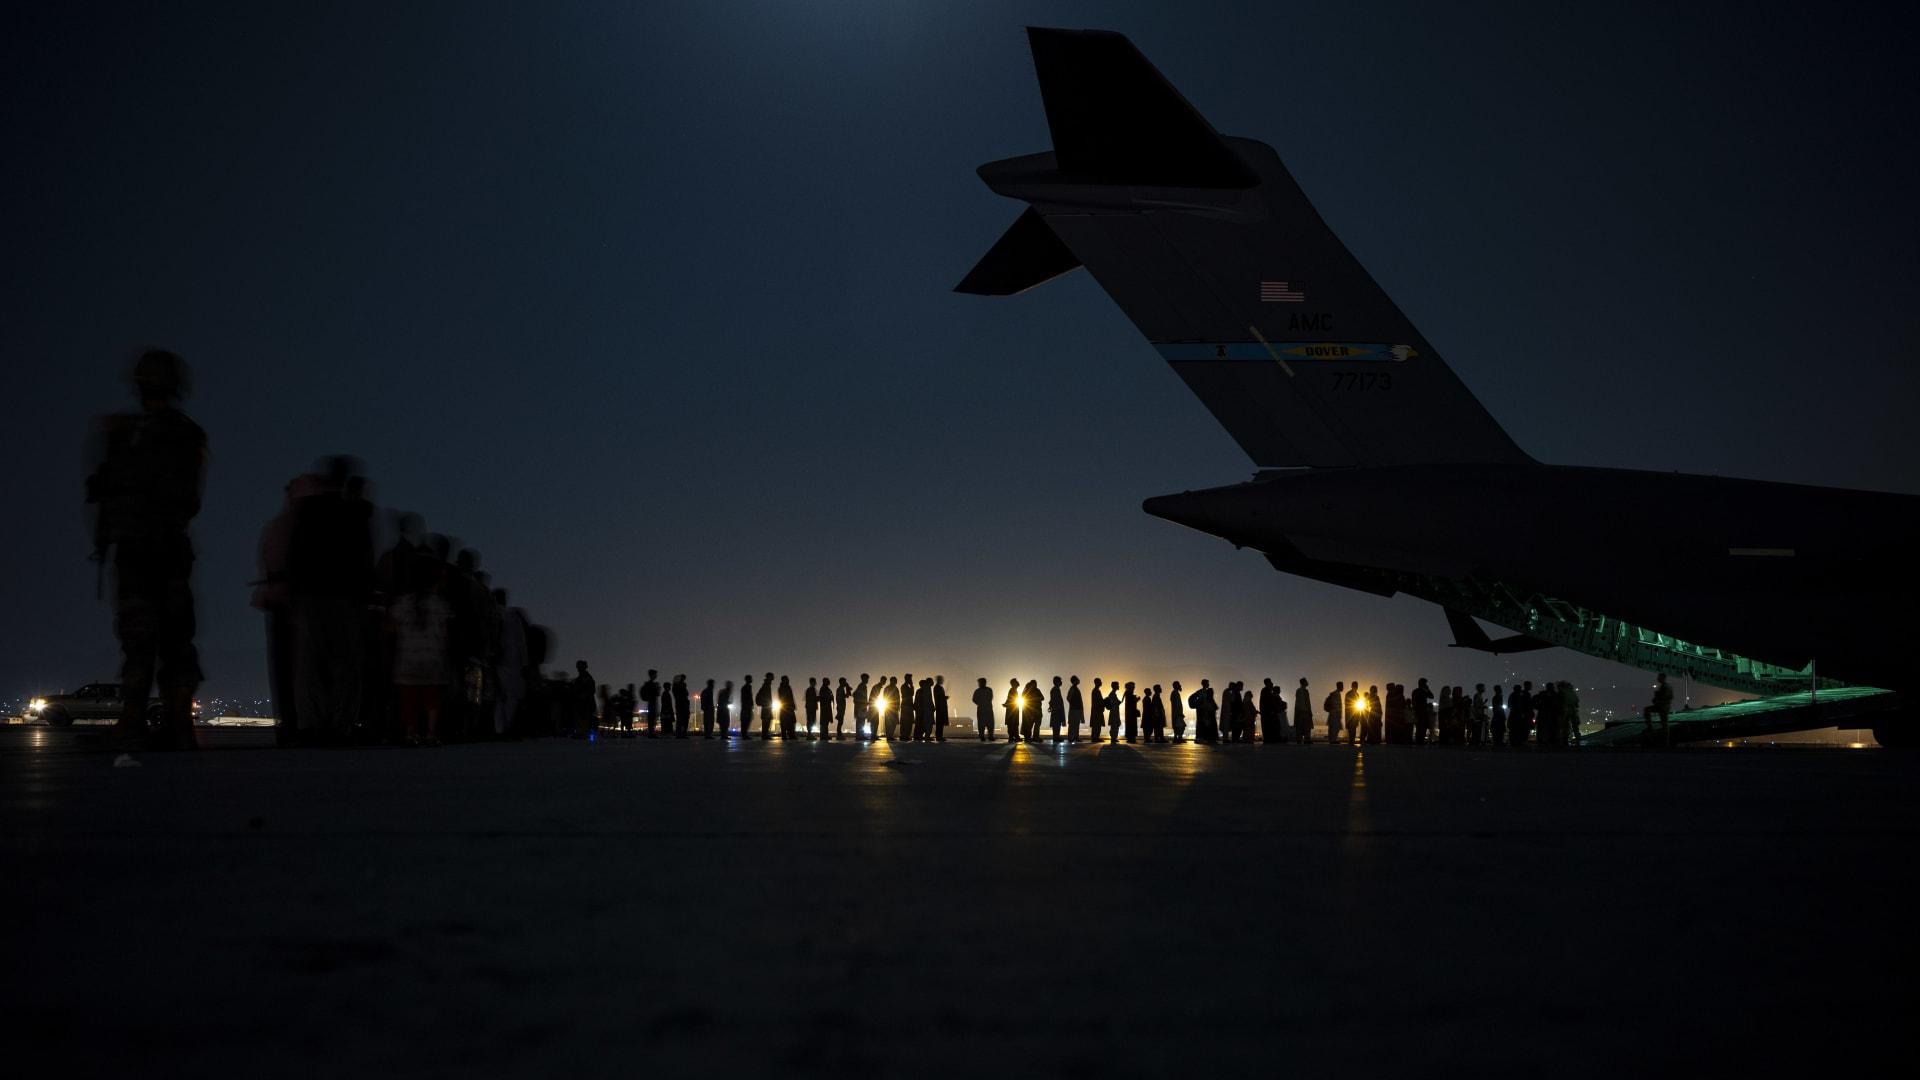 مطار كابول يستقبل أول رحلة باكستانية منذ انسحاب القوات الأمريكية.. فمن كان على متن الطائرة؟